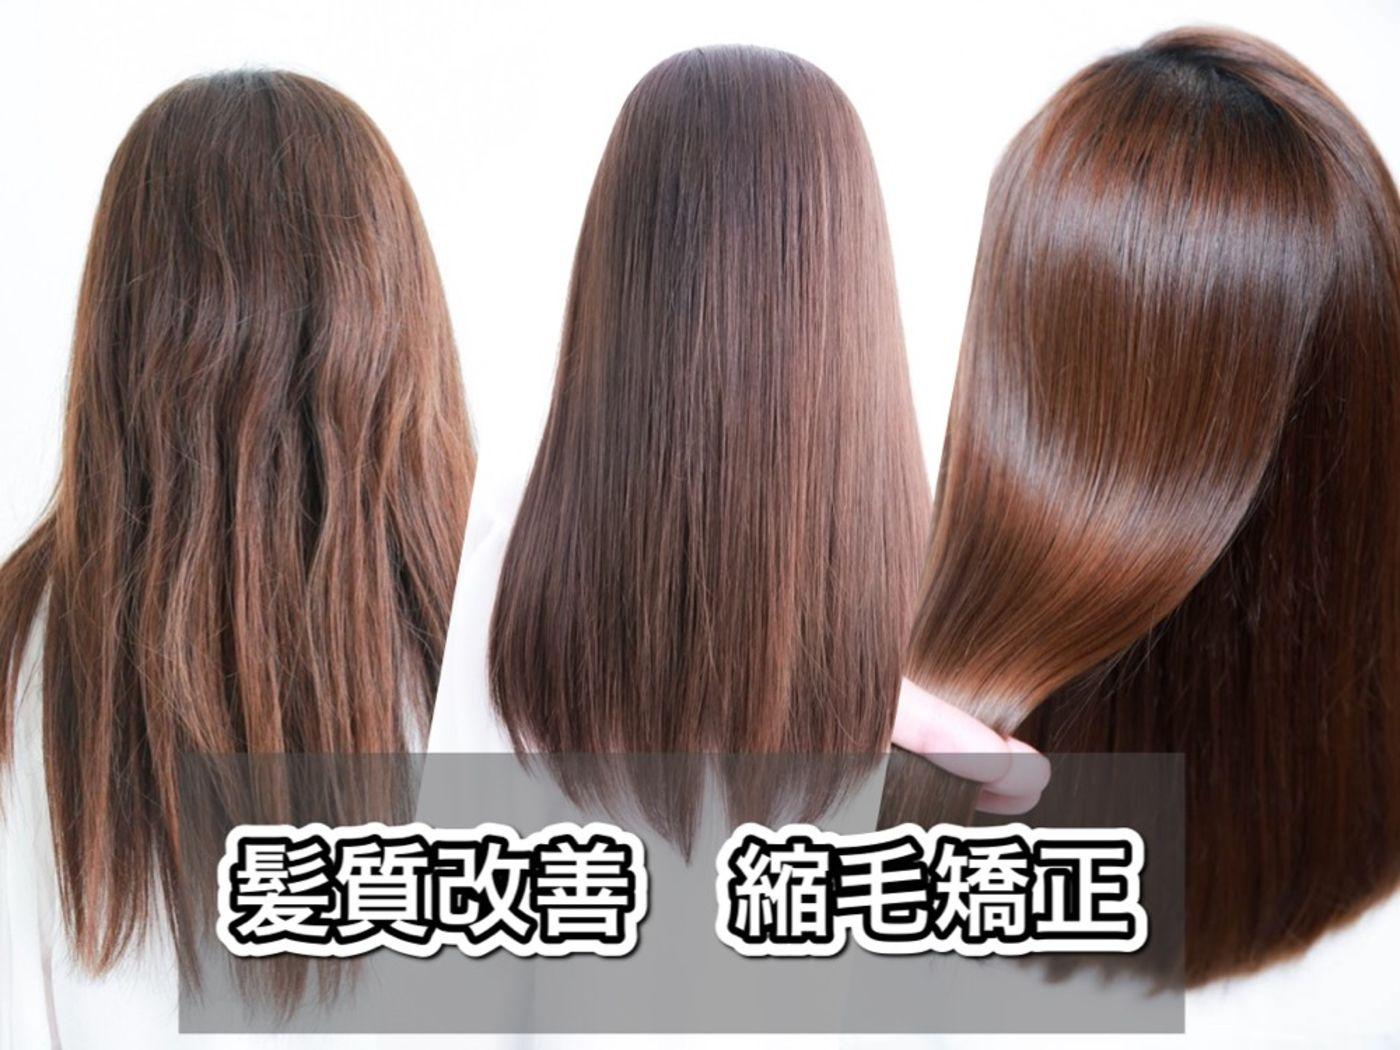 どうしようもないクセ・・・でもツヤが欲しいならこれしかない!「髪質改善 縮毛矯正」